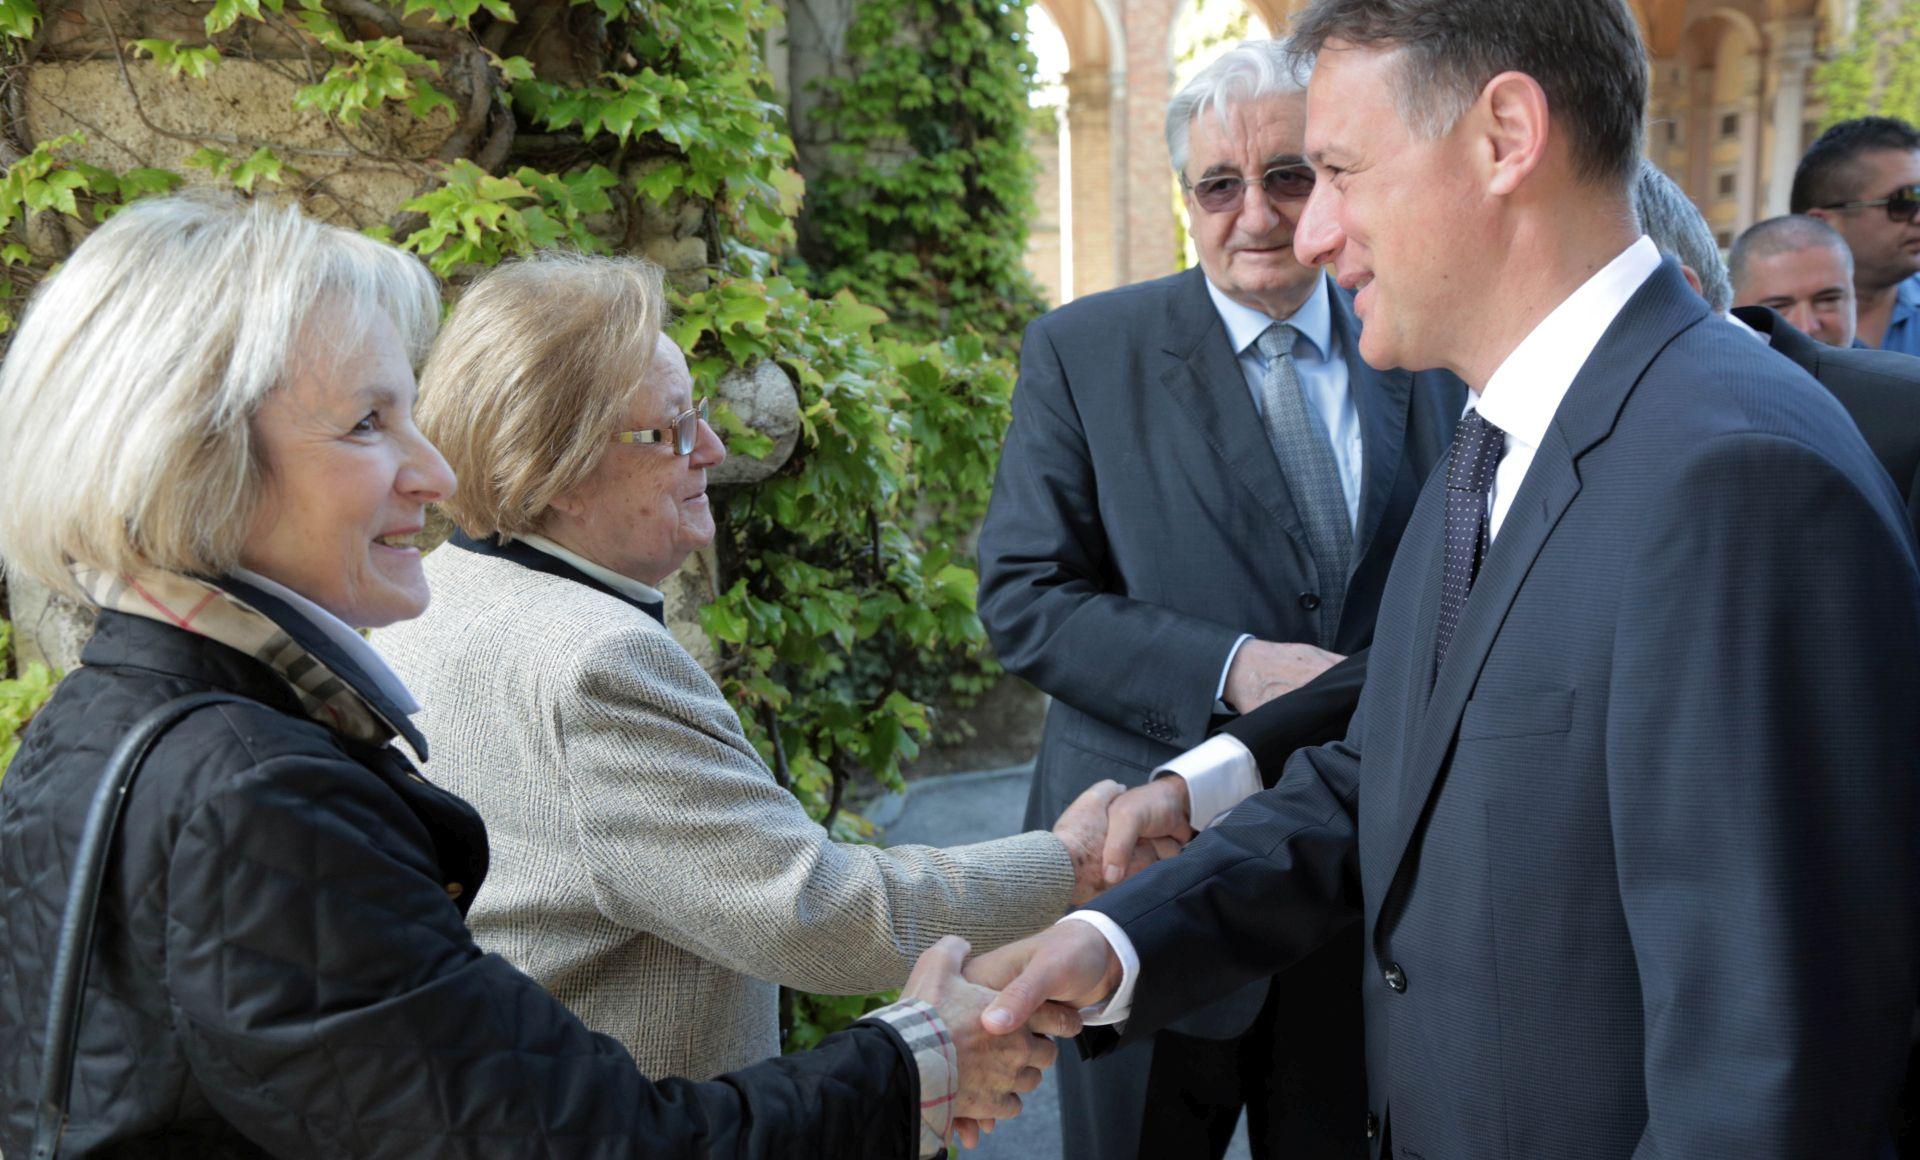 JANDROKOVIĆ 'Predsjednik Tuđman jako dobro prepoznavao prioritete u kompleksnim međunarodnim i unutarnjim odnosima'